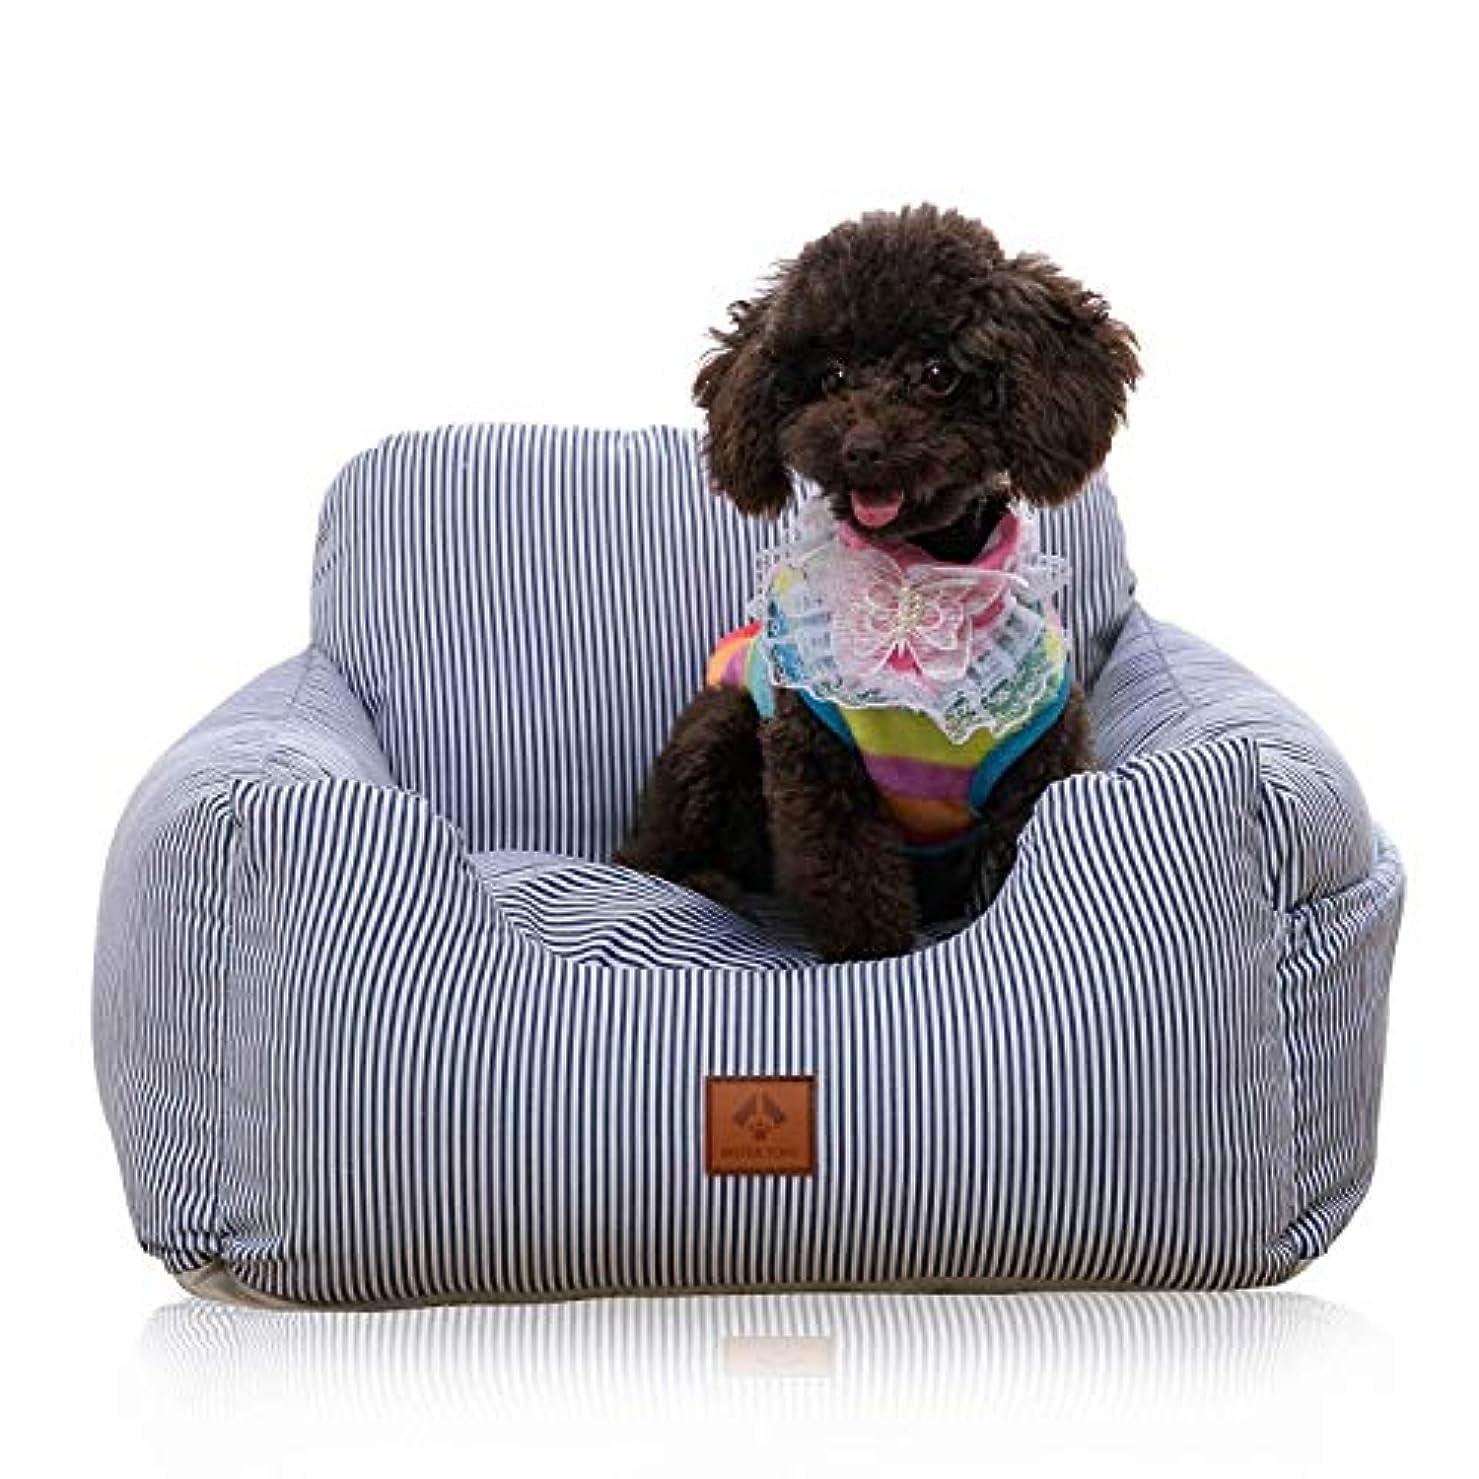 リングバック自信があるブラジャーJSFQ 犬用カーシート、車用犬ブースターシート/小中型犬と猫用のペットペットキャリアキャリアプロテクターカバー、最大30ポンドのシートベルト付き (Color : D)